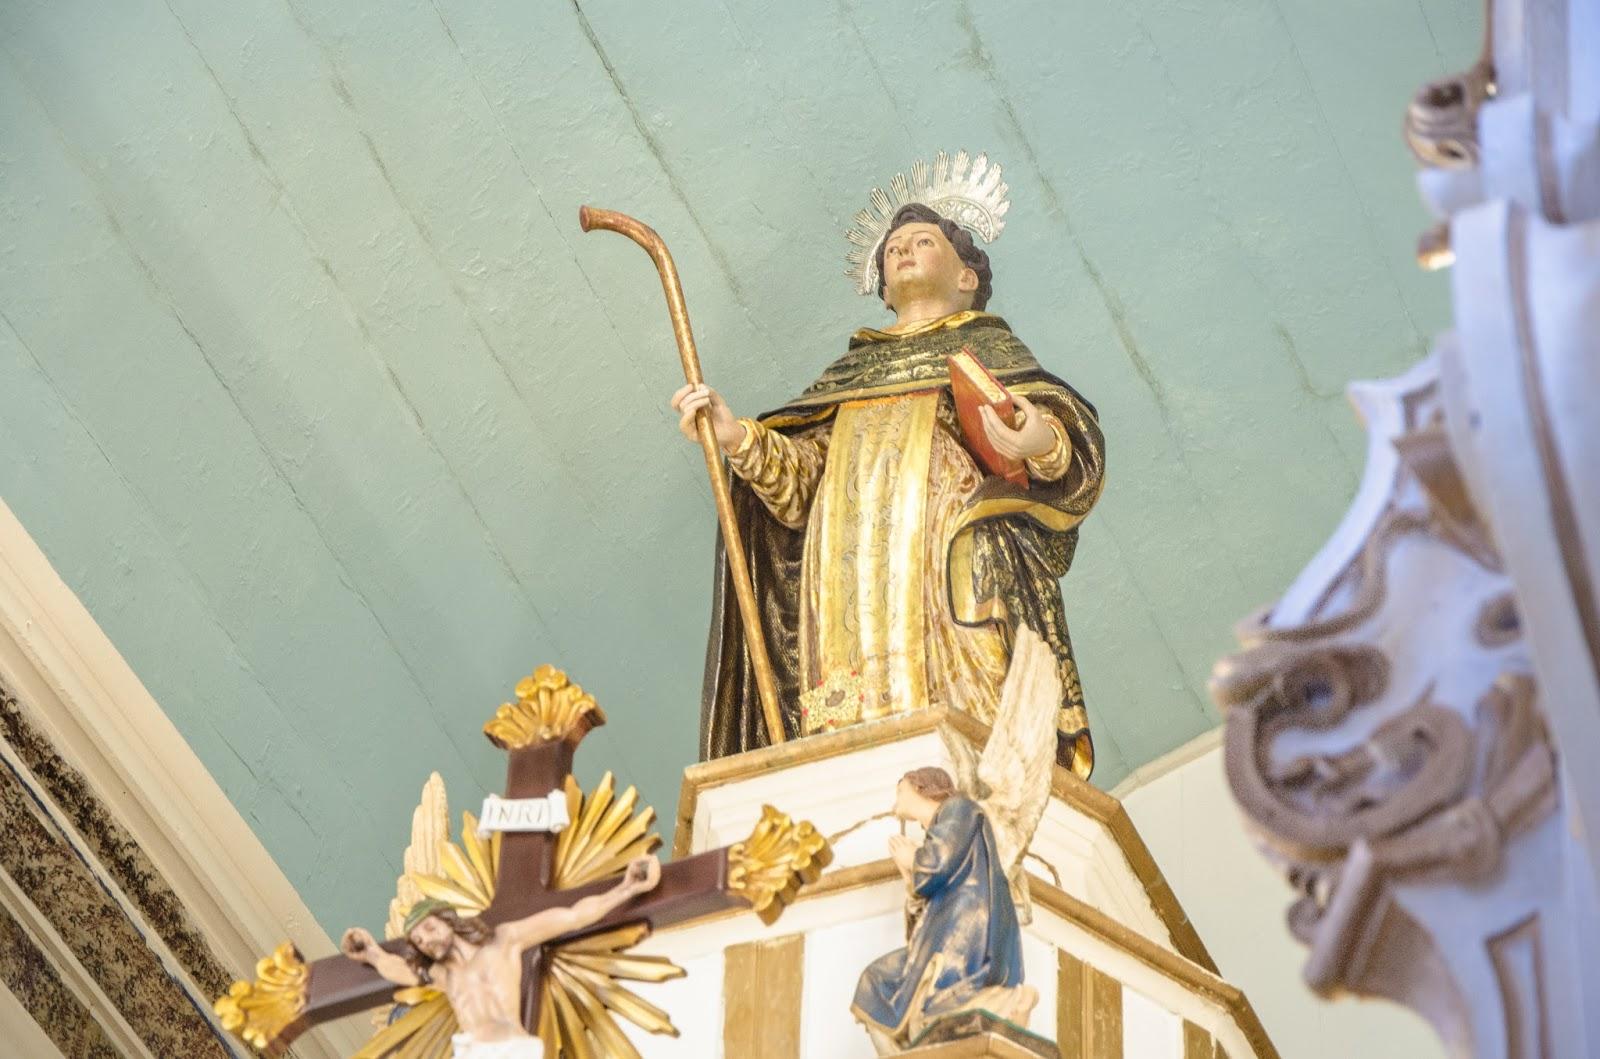 Festa homenageia padroeiro de São Gonçalo